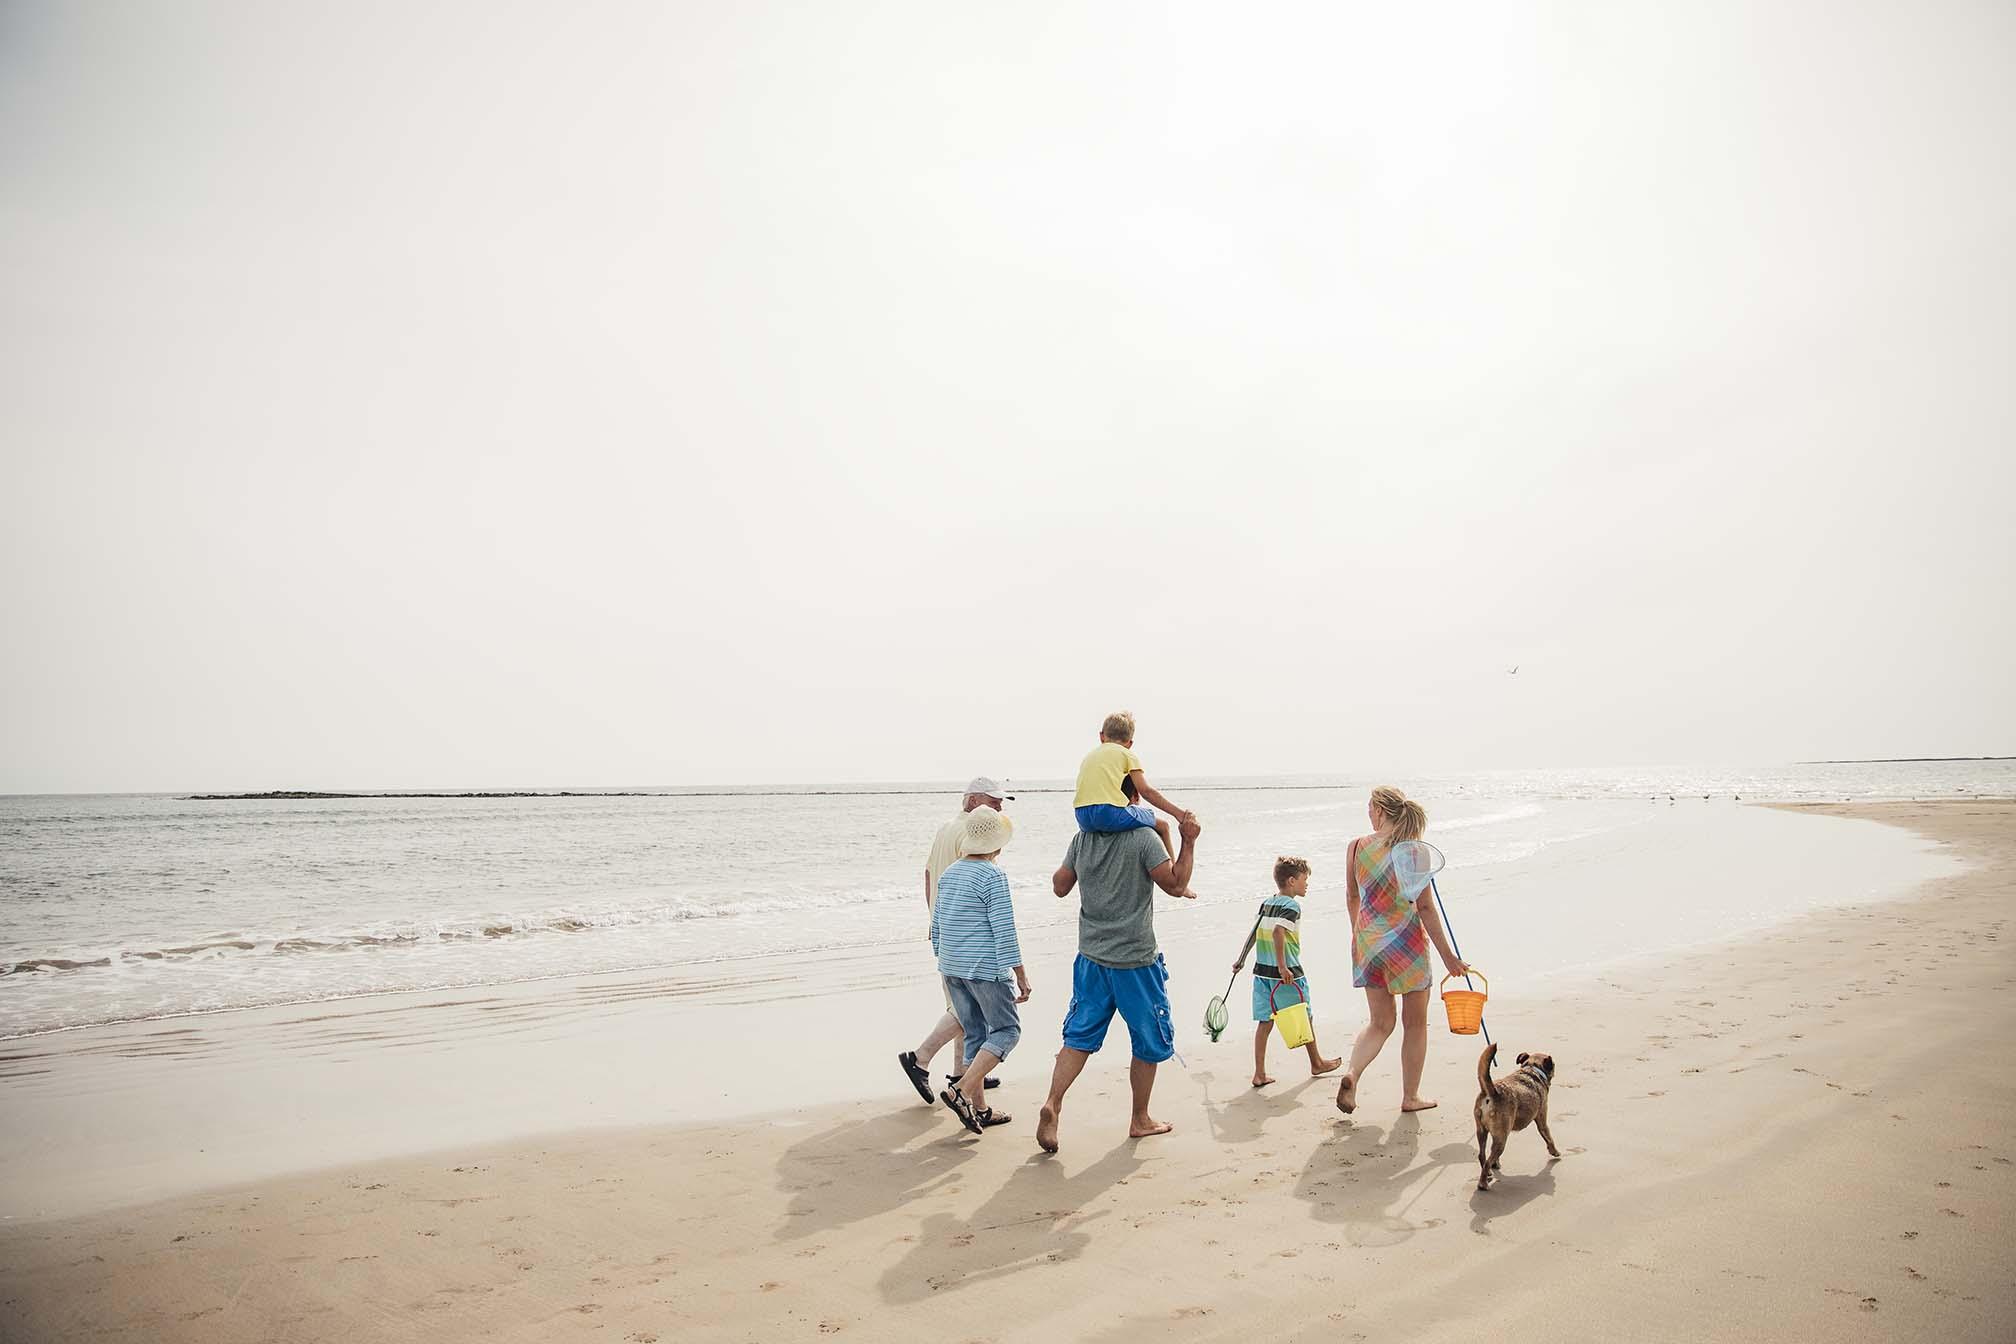 ¿Qué está prohibido en la playa?